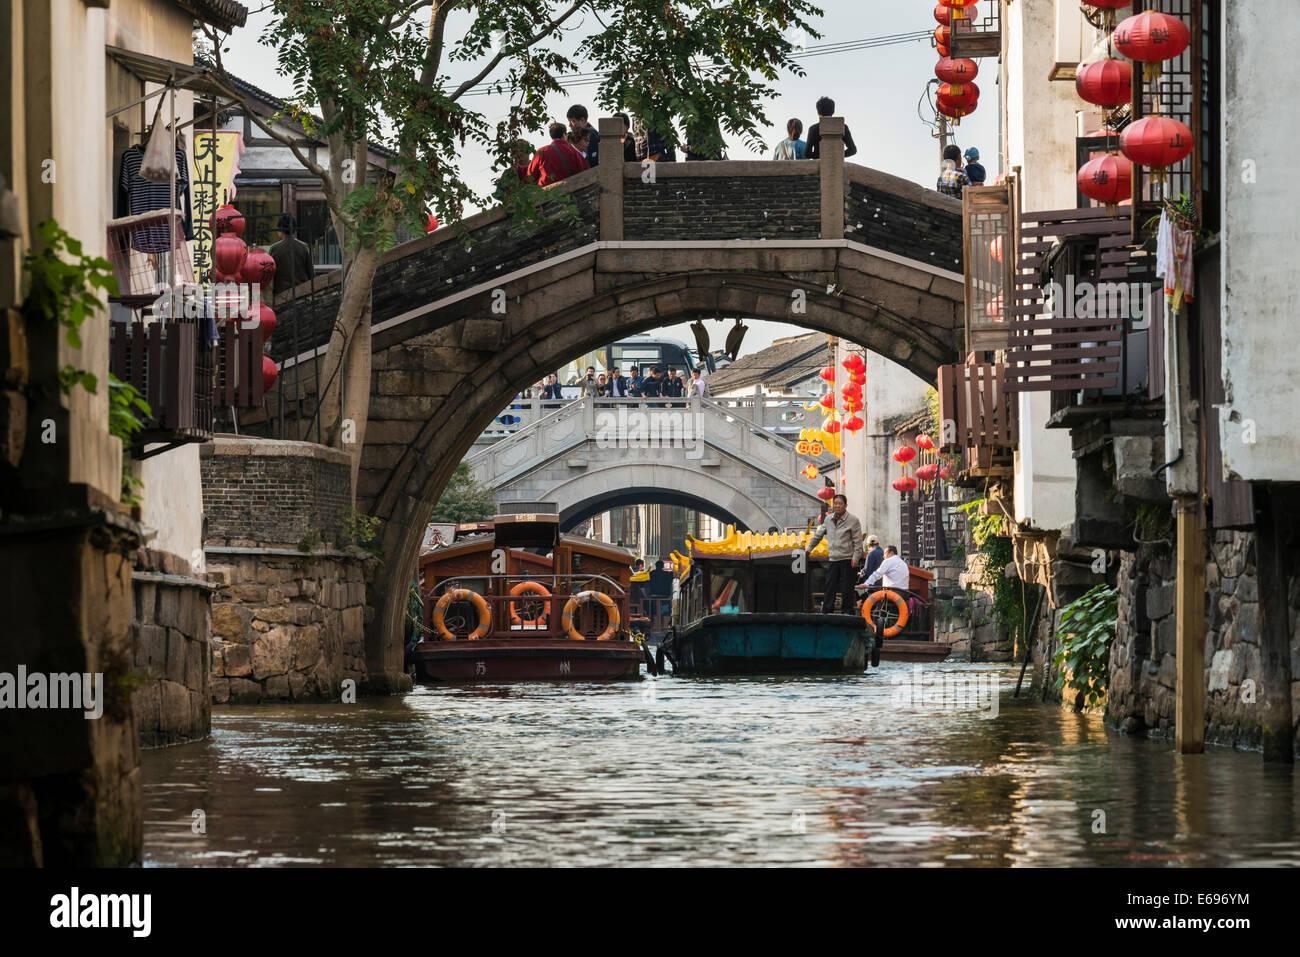 Ponte su una via navigabile con barche, Suzhou, Cina Immagini Stock